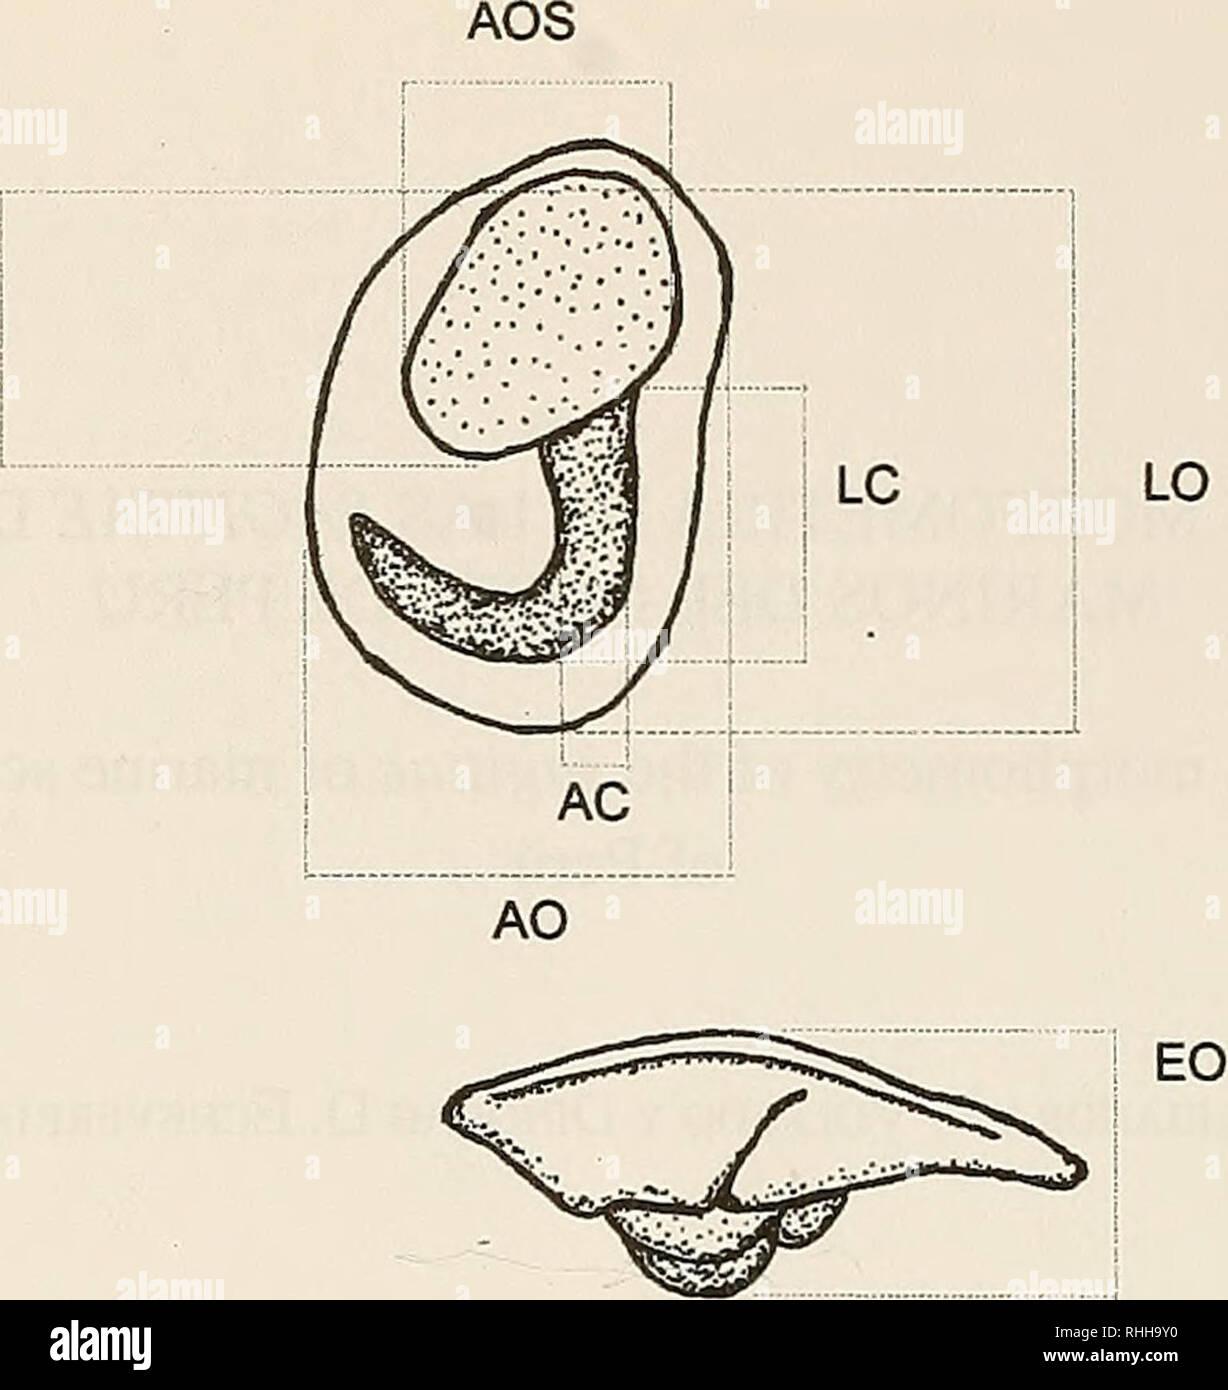 . Boletin de la Sociedad de Biología de Concepción. Sociedad de Biología de Concepción; Biology; Biology. Bol. Soc. Biol. Concepción, Chile. Tomo 72, 2001 LOS. 1 Figura 1. Variables morfométricas registrados en la cara interna de la Sagina derecha. AC: ancho máximo de la cauda, AO: ancho máximo del otolito. AOS: ancho máximo del ostiiim. EO: espesor máximo del otolito, LC: largo máximo de la cauda, LO: largo máximo del otolito. LOS: largo máximo del ostium. determinado stocks pesquero (Campana y Casselman, 1993) y la presencia de variaciones en el ambiente en que vive el pez. El objetivo de es Stock Photo